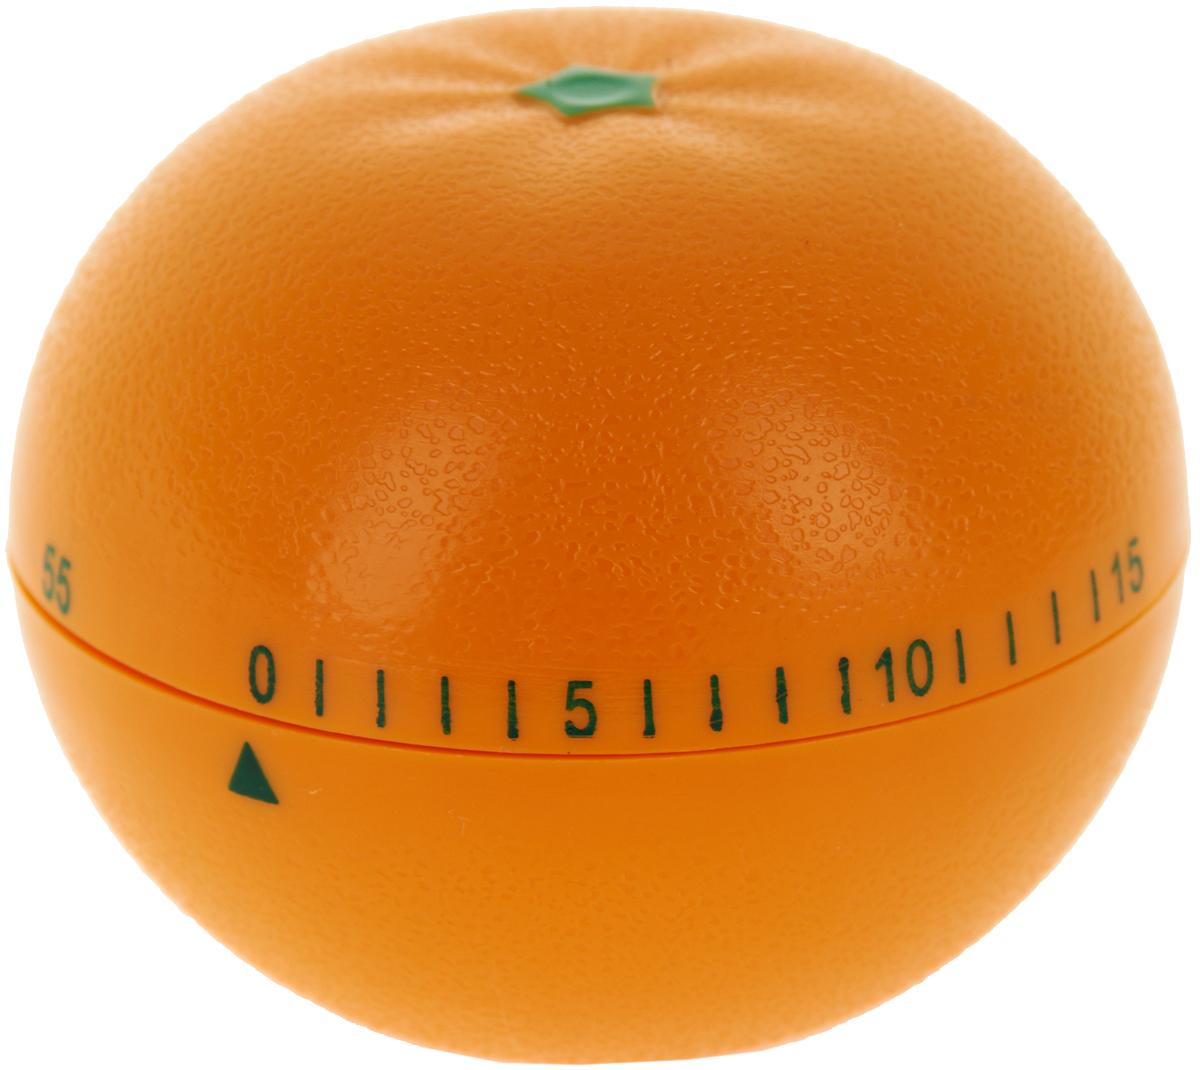 Таймер кухонный Best Home Kitchen Мандарин, цвет: оранжевый, на 60 минут4440039Механический кухонный таймер Best Home Kitchen Мандарин изготовлен из цветного пластика. Максимальное время, на которое Вы можете поставить таймер, составляет 60 минут. После того, как время истечет, таймер громко зазвенит. Оригинальный дизайн таймера украсит интерьер любой современной кухни, и теперь Вы сможете без труда вскипятить молоко, отварить пельмени или вовремя вынуть из духовки аппетитный пирог.